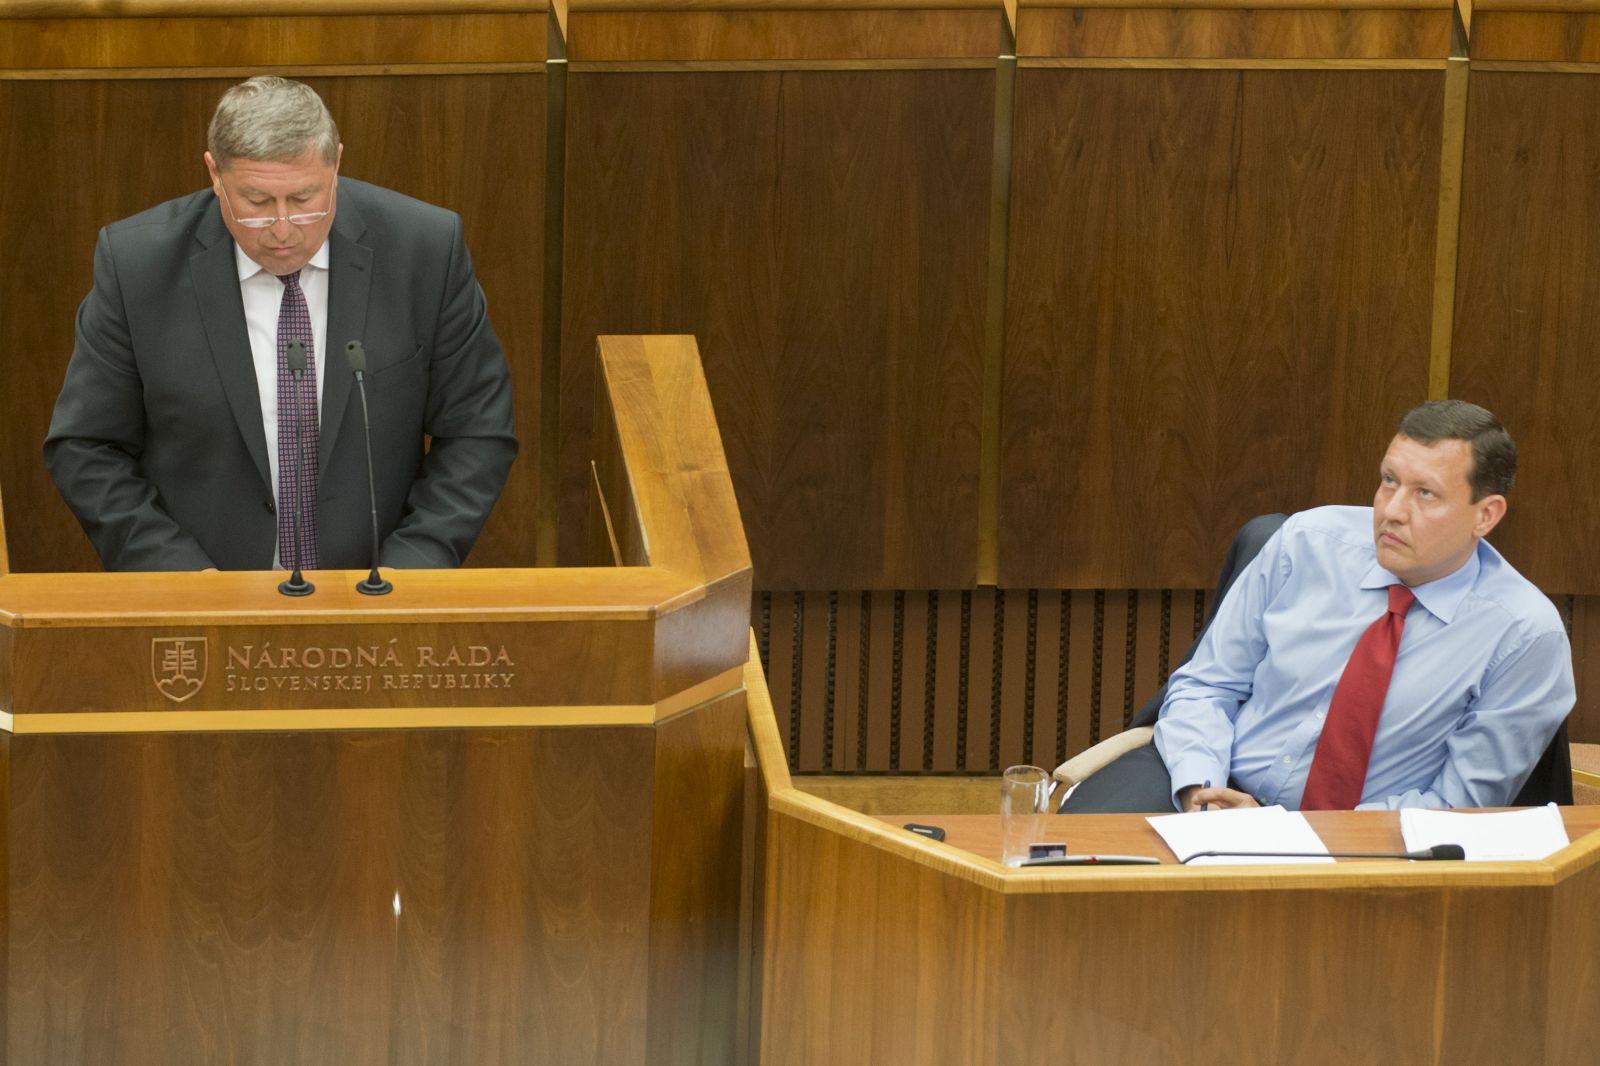 Predseda Národnej rady SR Peter Pellegrini (Smer-SD) 15.06.2015 otvoril mimoriadnu schôdzu pléna ku kauze Gorila. Rokovanie 40 podpismi iniciovala opozícia, ktorá nie je spokojná s krokmi špeciálneho prokurátora Dušana Kováčika (na snímke vľavo) pri vyšetrovaní tohto prípadu. Na snímke vpravo v tom čase nezaradený poslanec Daniel Lipšic.